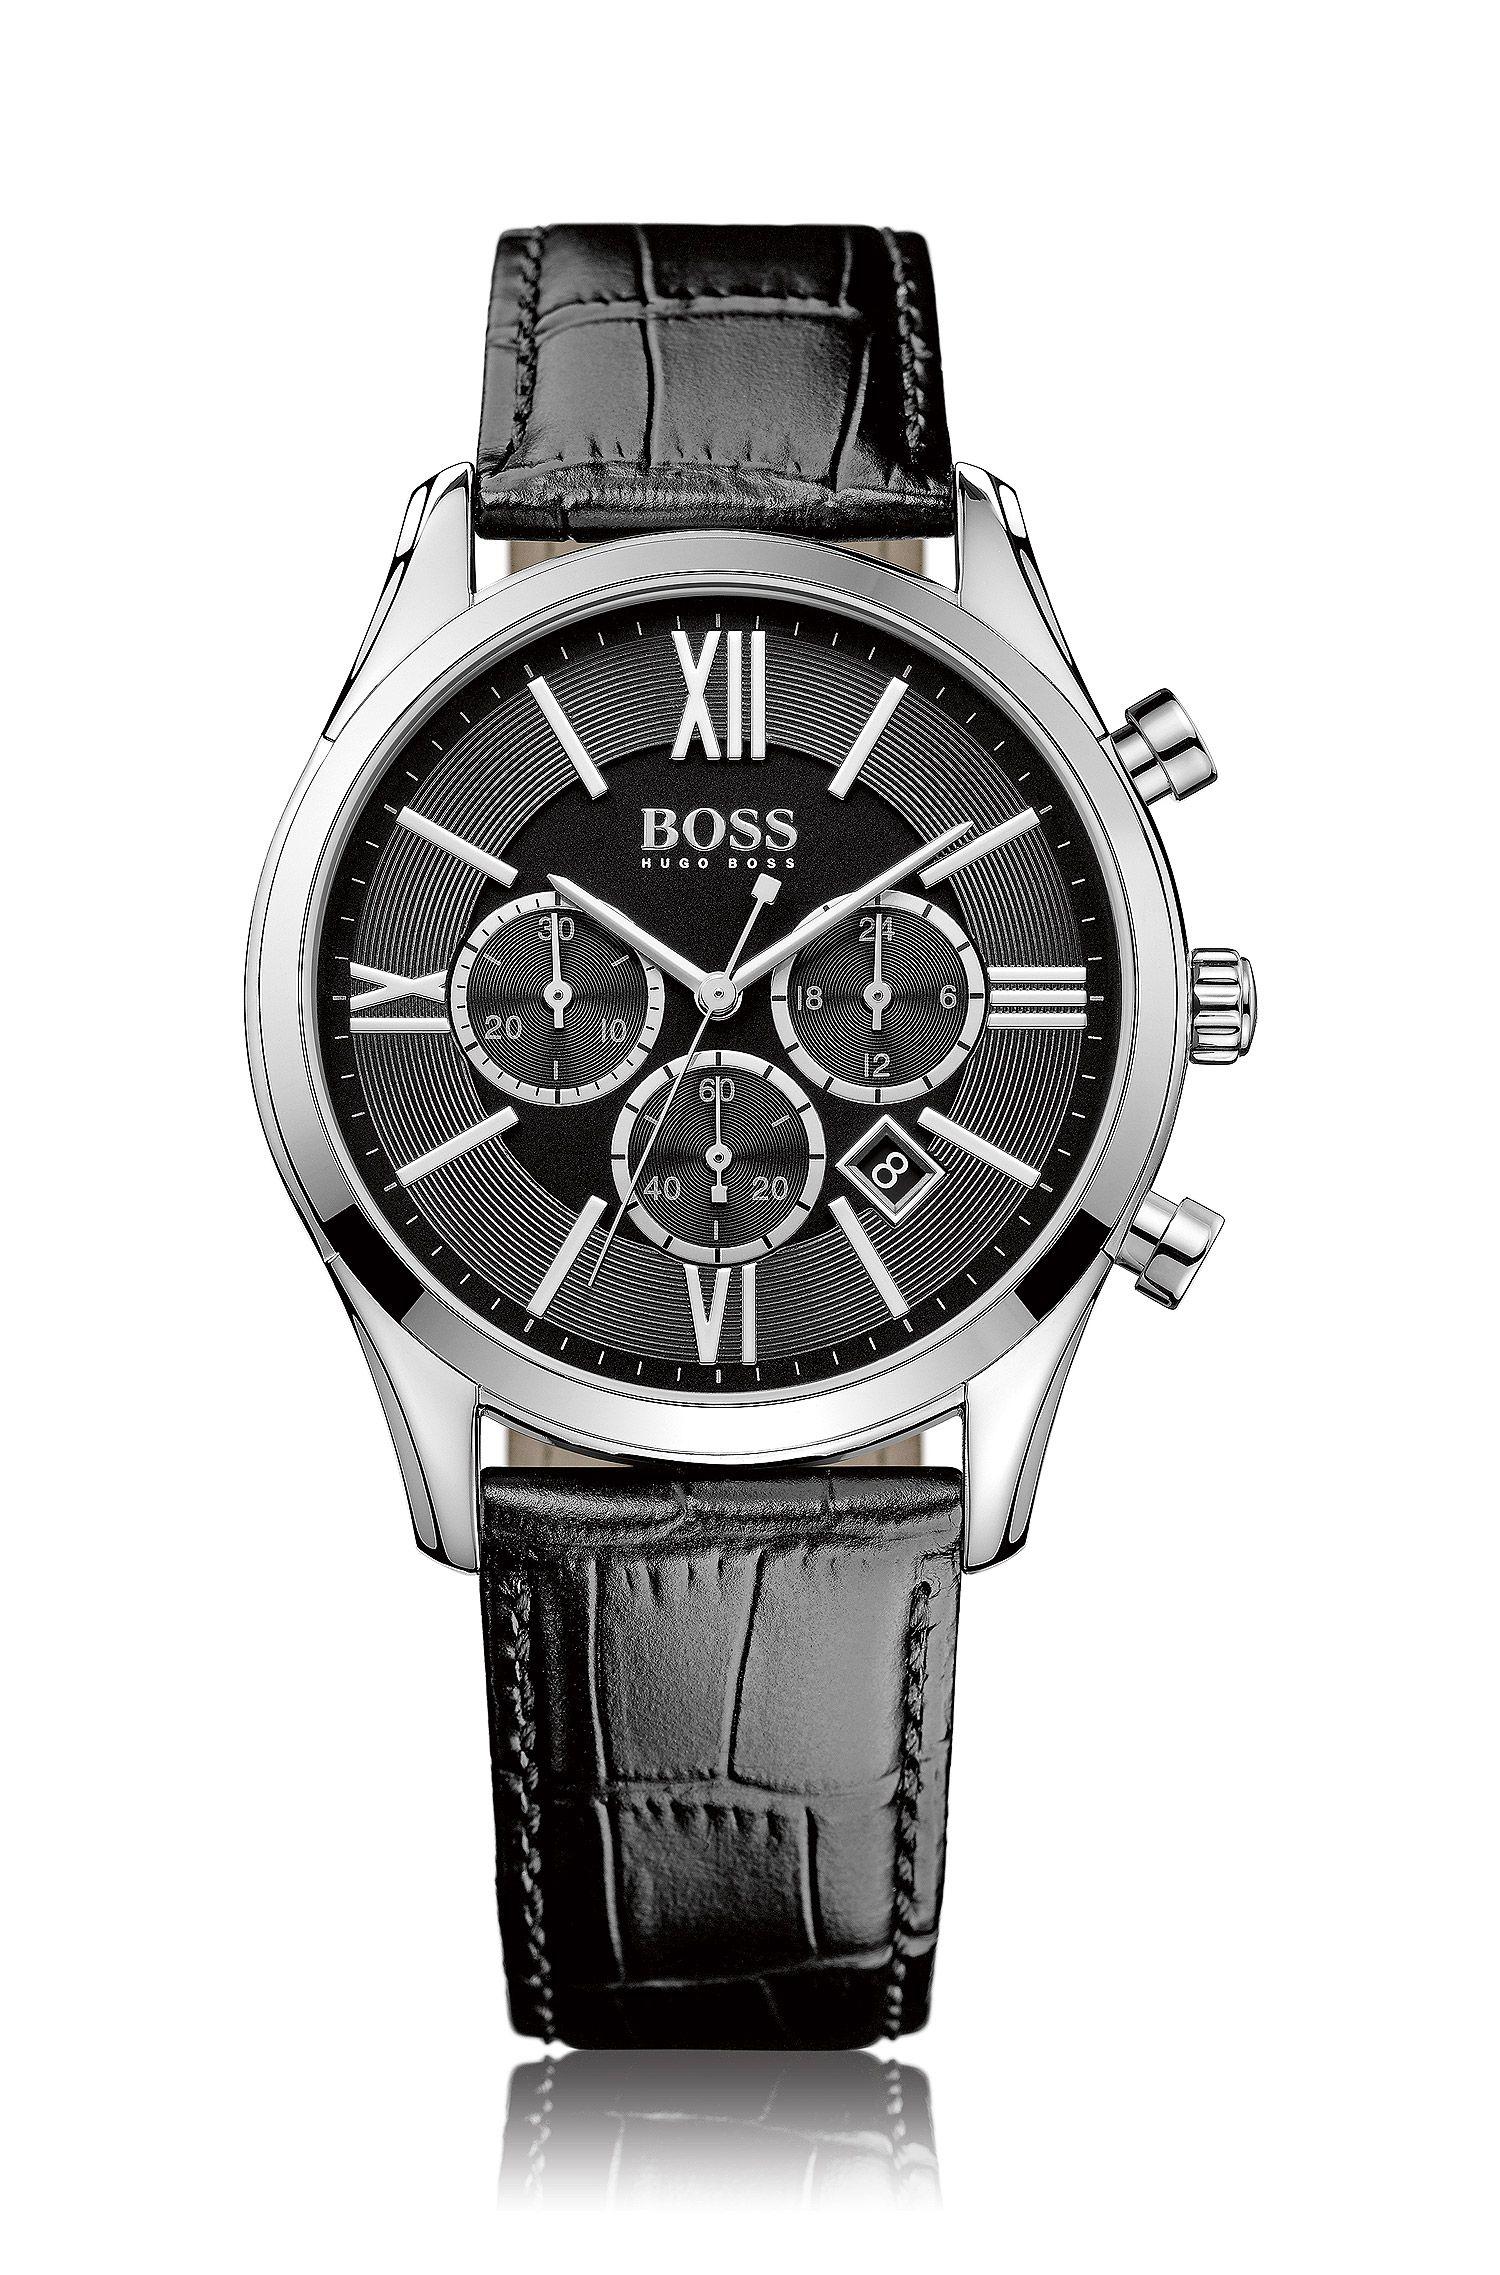 Cronografo a tre contatori in acciaio inox lucido con quadrante nero e decorazione ghiglioscé